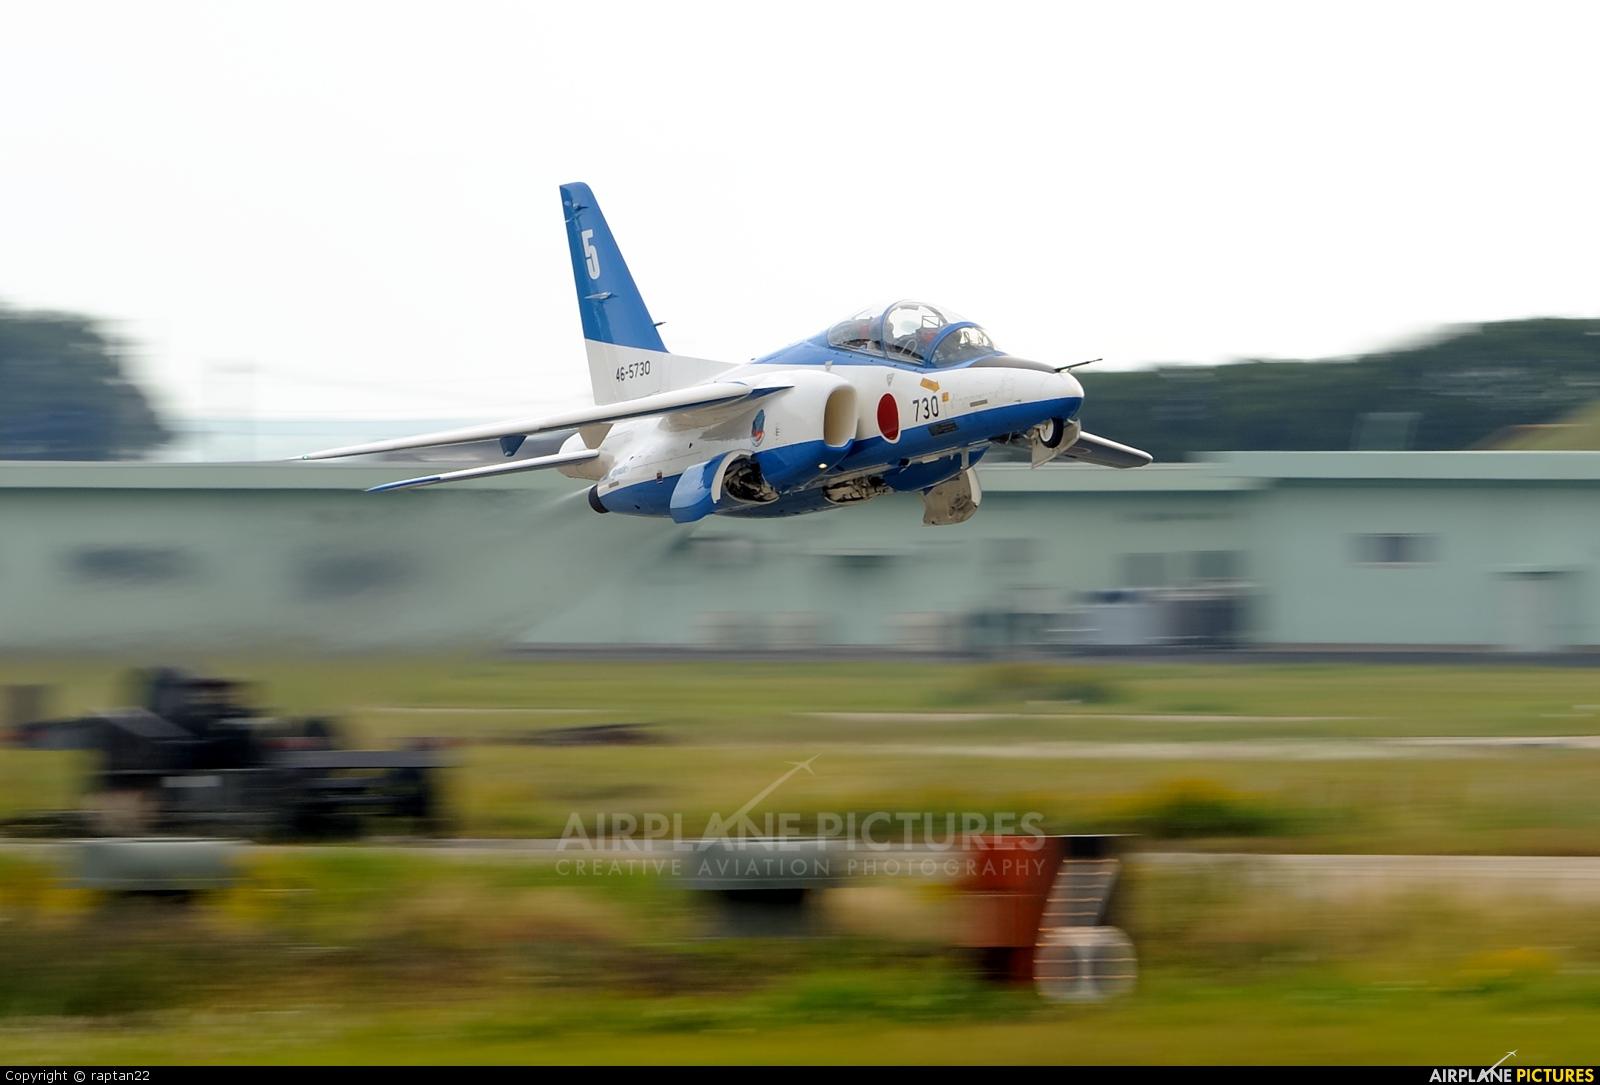 Japan - ASDF: Blue Impulse 46-5730 aircraft at Tsuiki AB